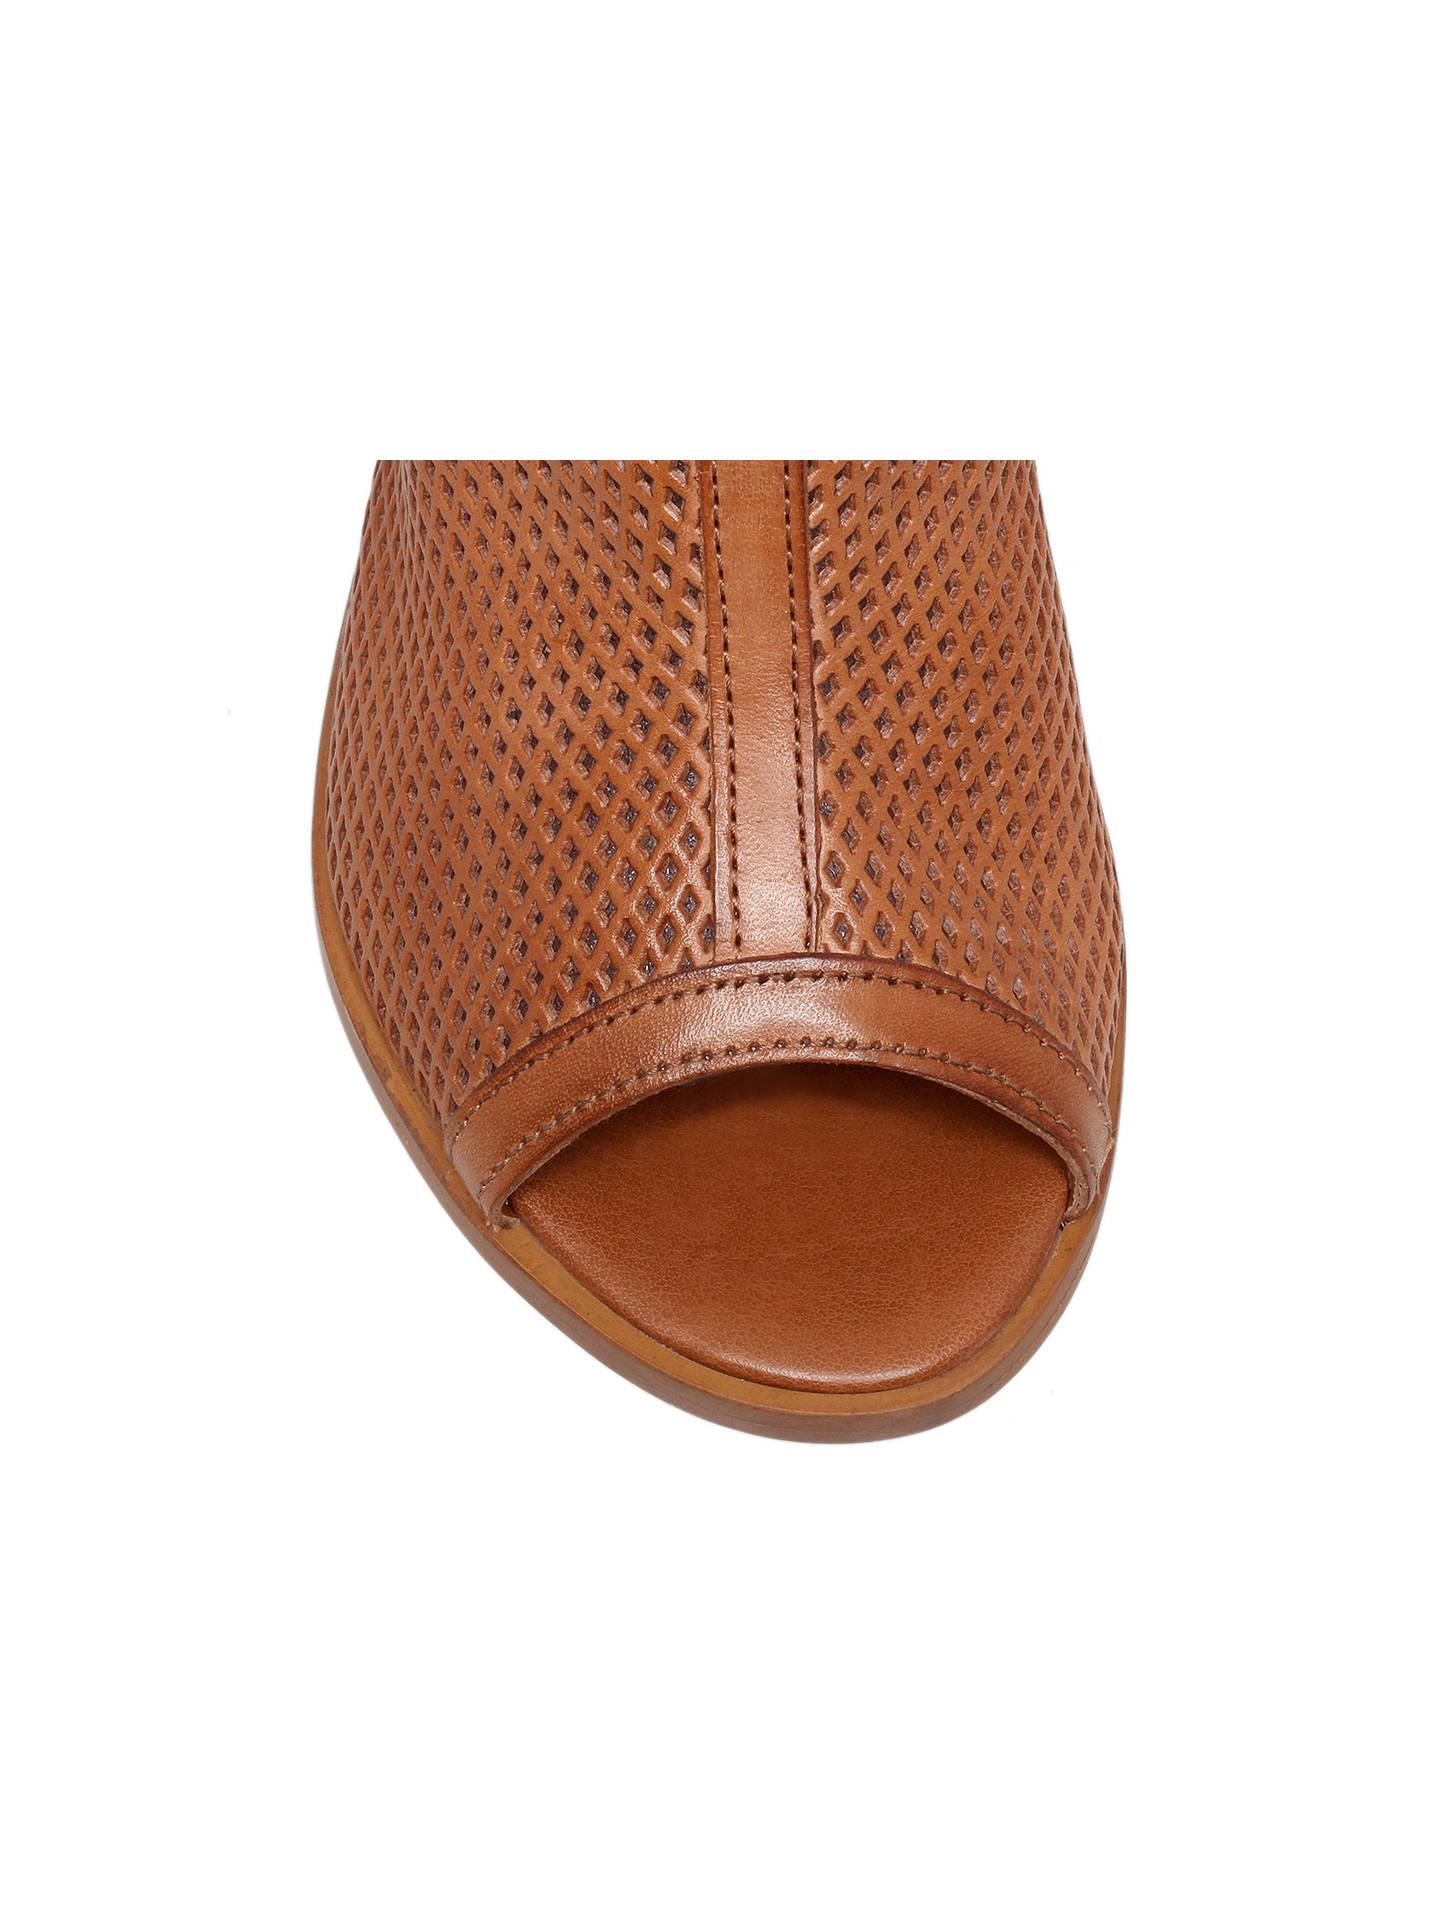 eb7e4a35180 Carvela Audrey Cut-Out Shoe Boots, Tan at John Lewis & Partners